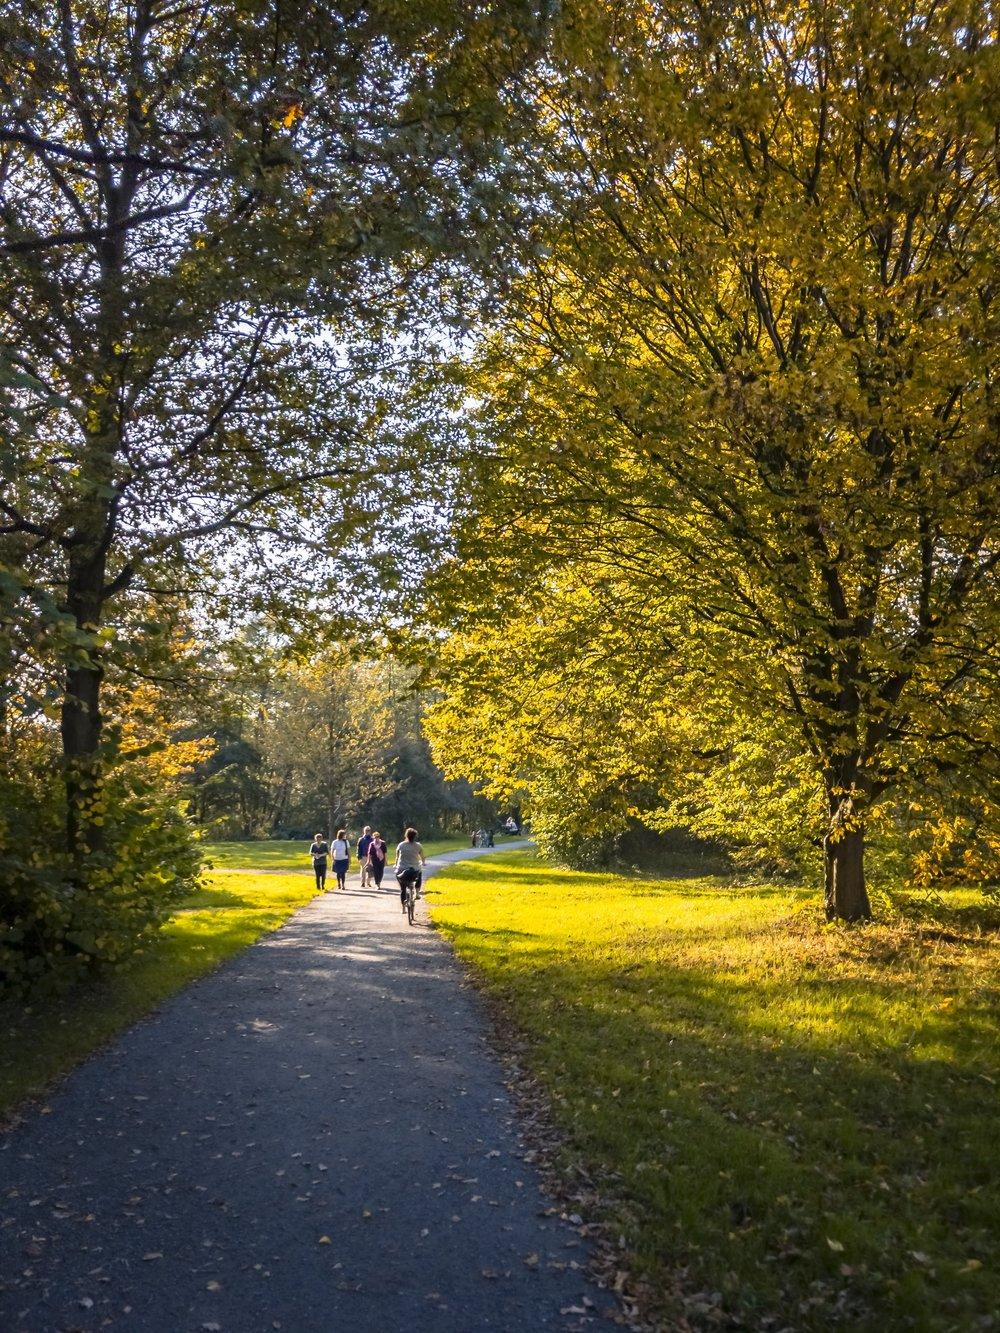 APC_0384-hdr - Herbst ShotoniPhone Autumn Blätter Leaves Sun Sonne Light Threes Licht Bäume Baum Stadt Osnabrück.jpg